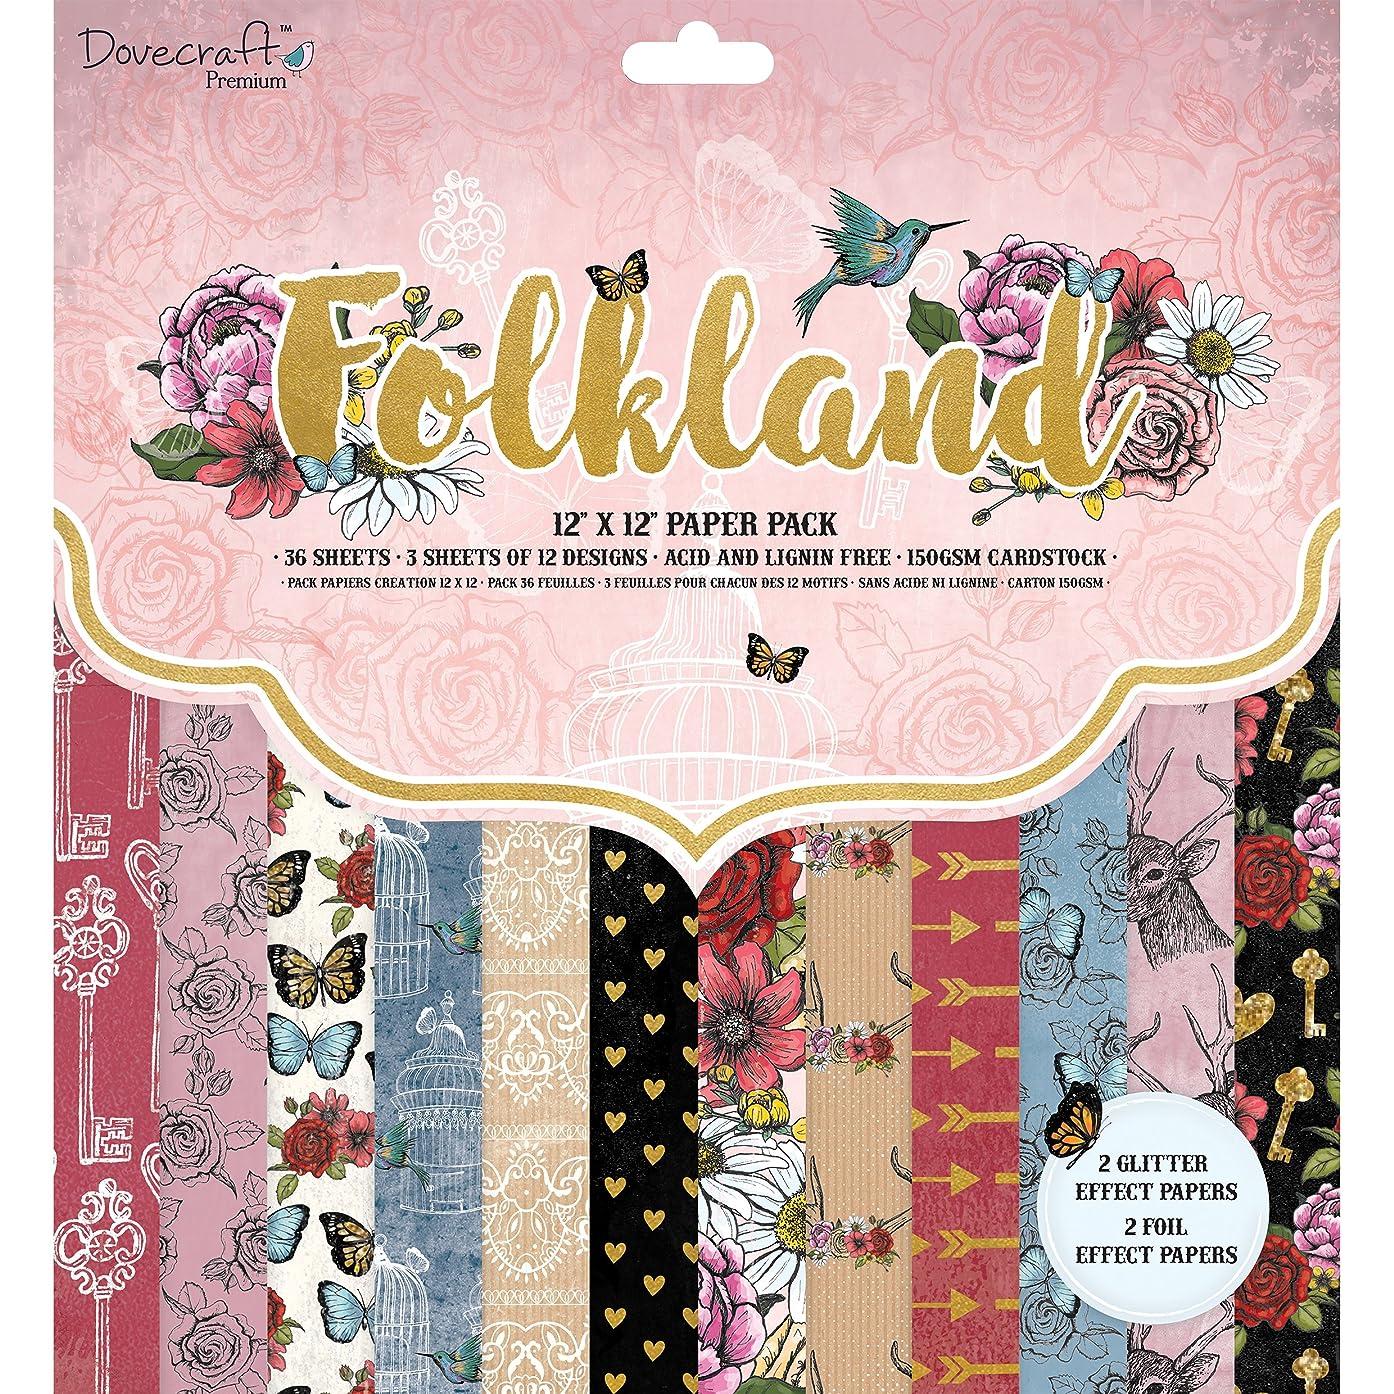 Dovecraft Premium Folkland - Paper Pack 12